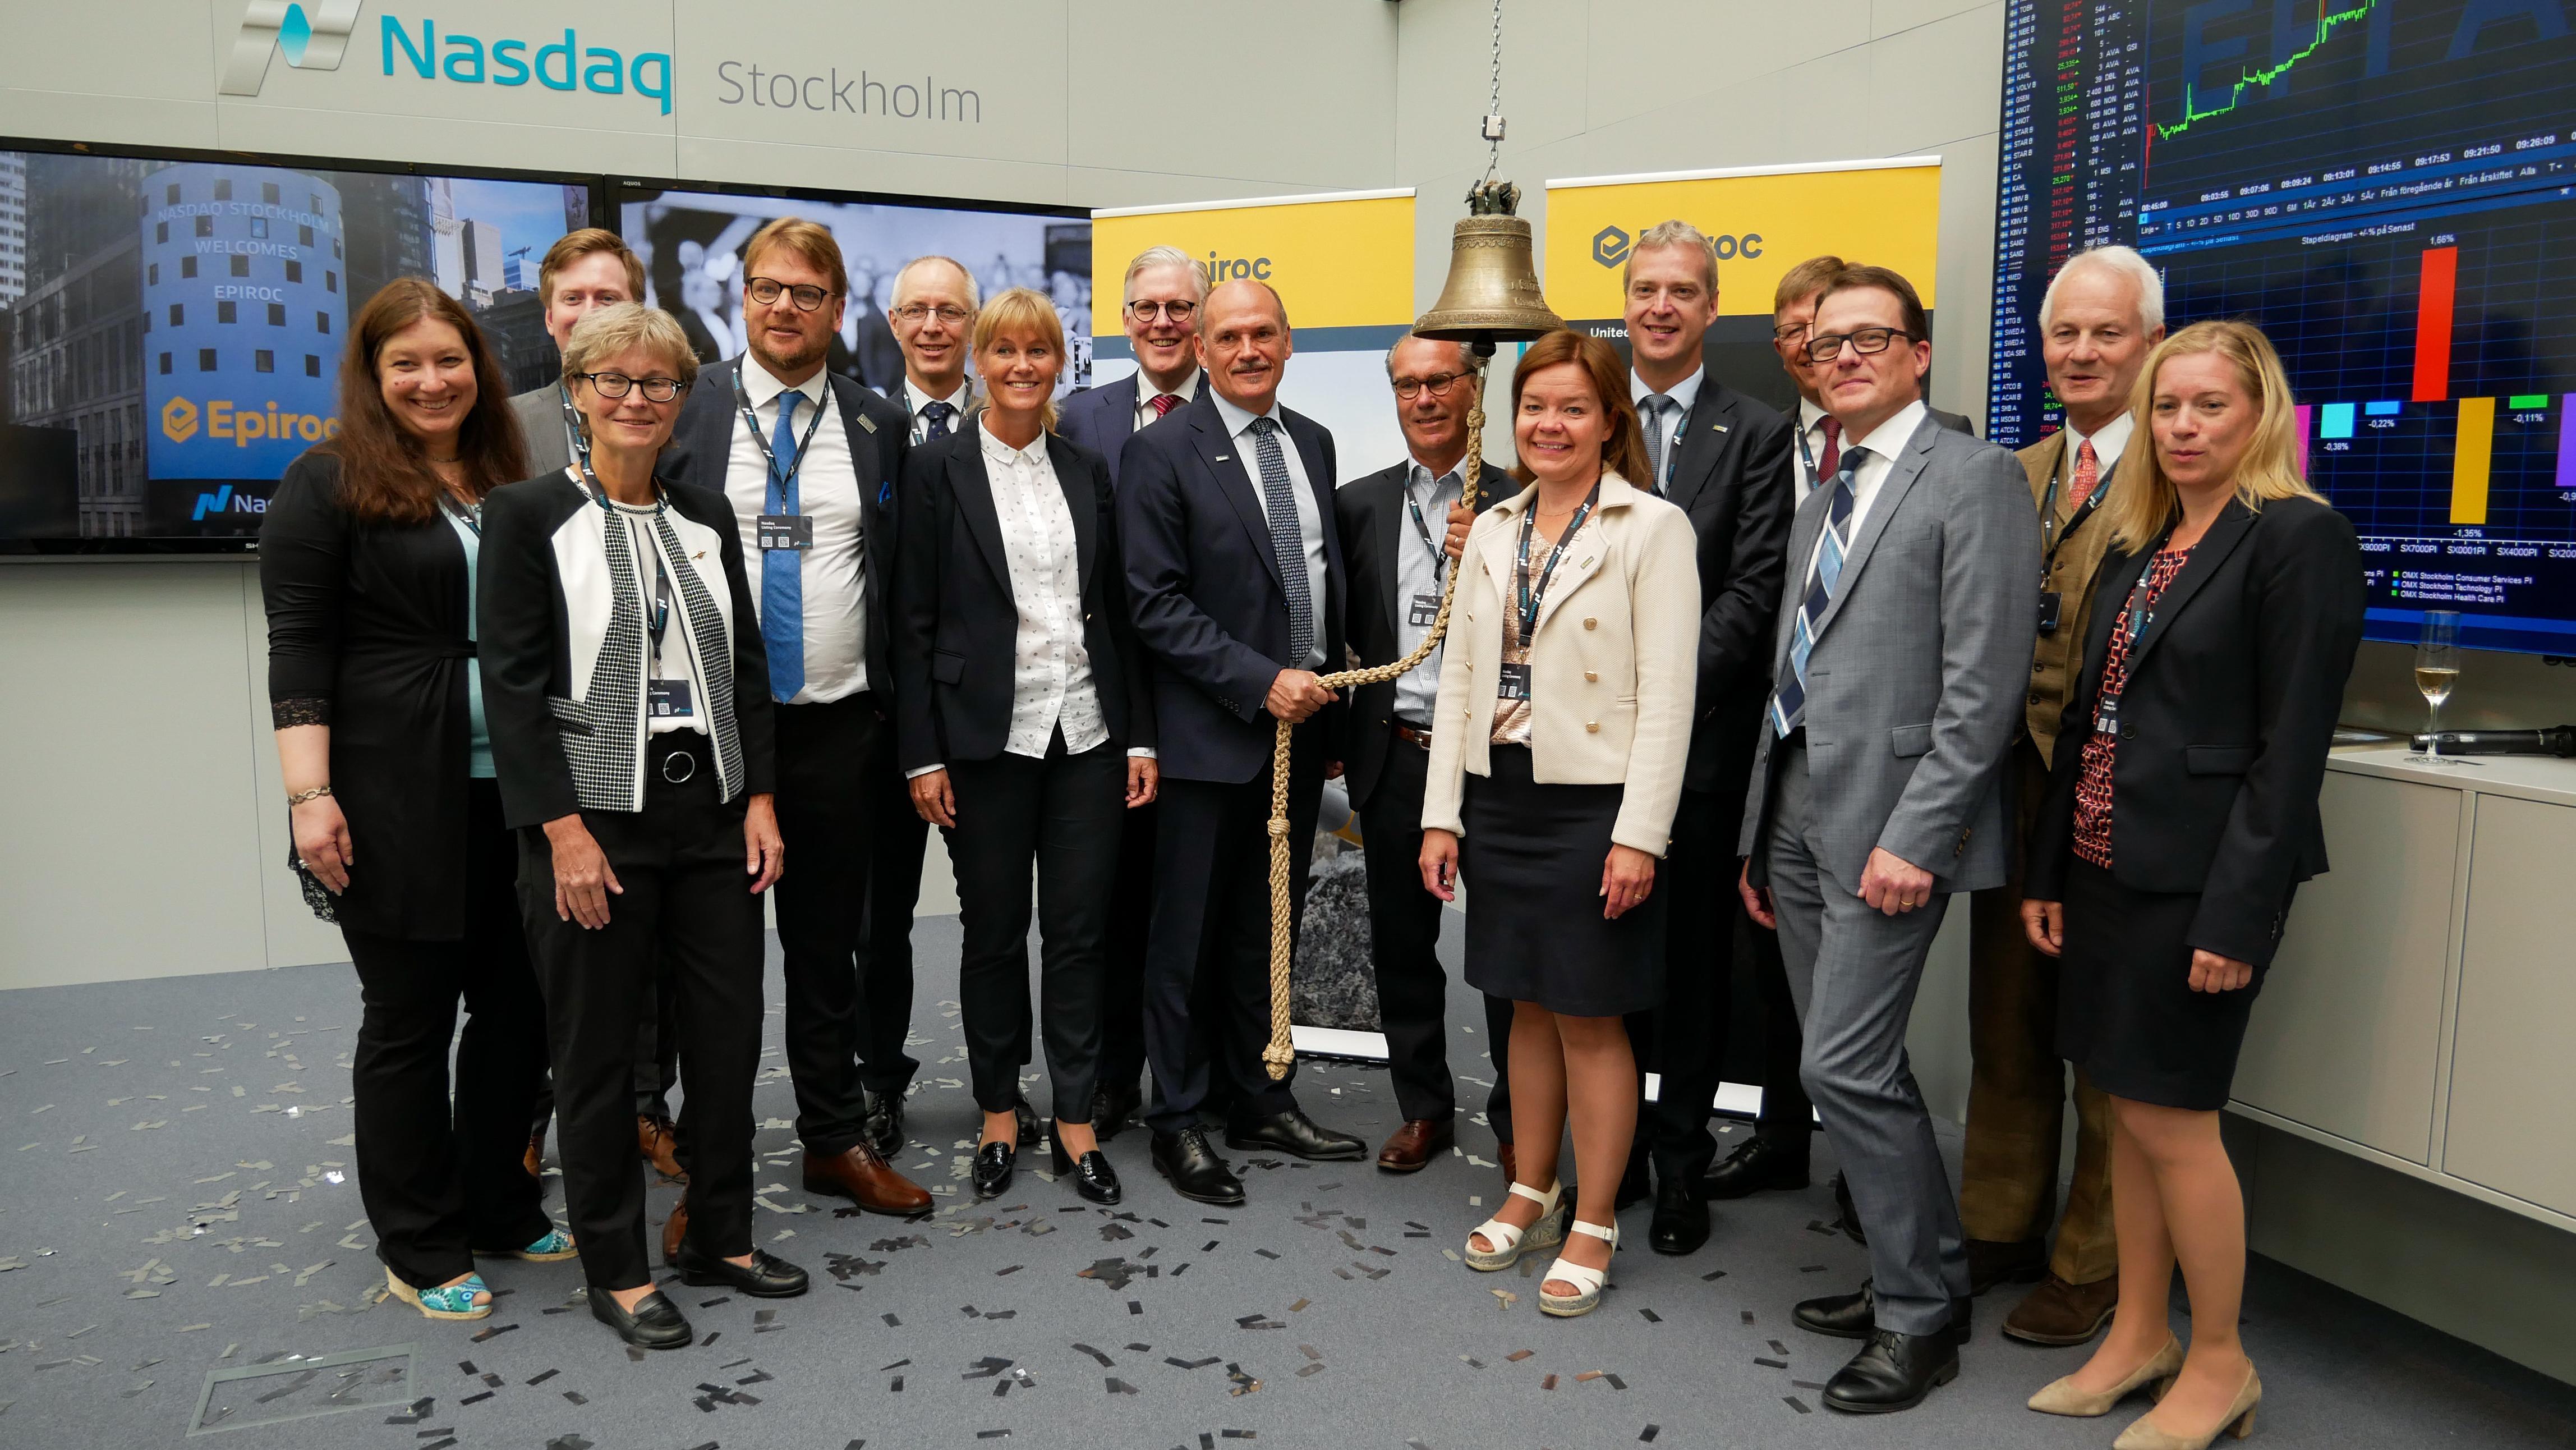 Las acciones de Epiroc AB, socio líder de productividad en las industrias de minería, infraestructura y recursos naturales, se lanzan hoy al mercado bursátil de Nasdaq Estocolmo.